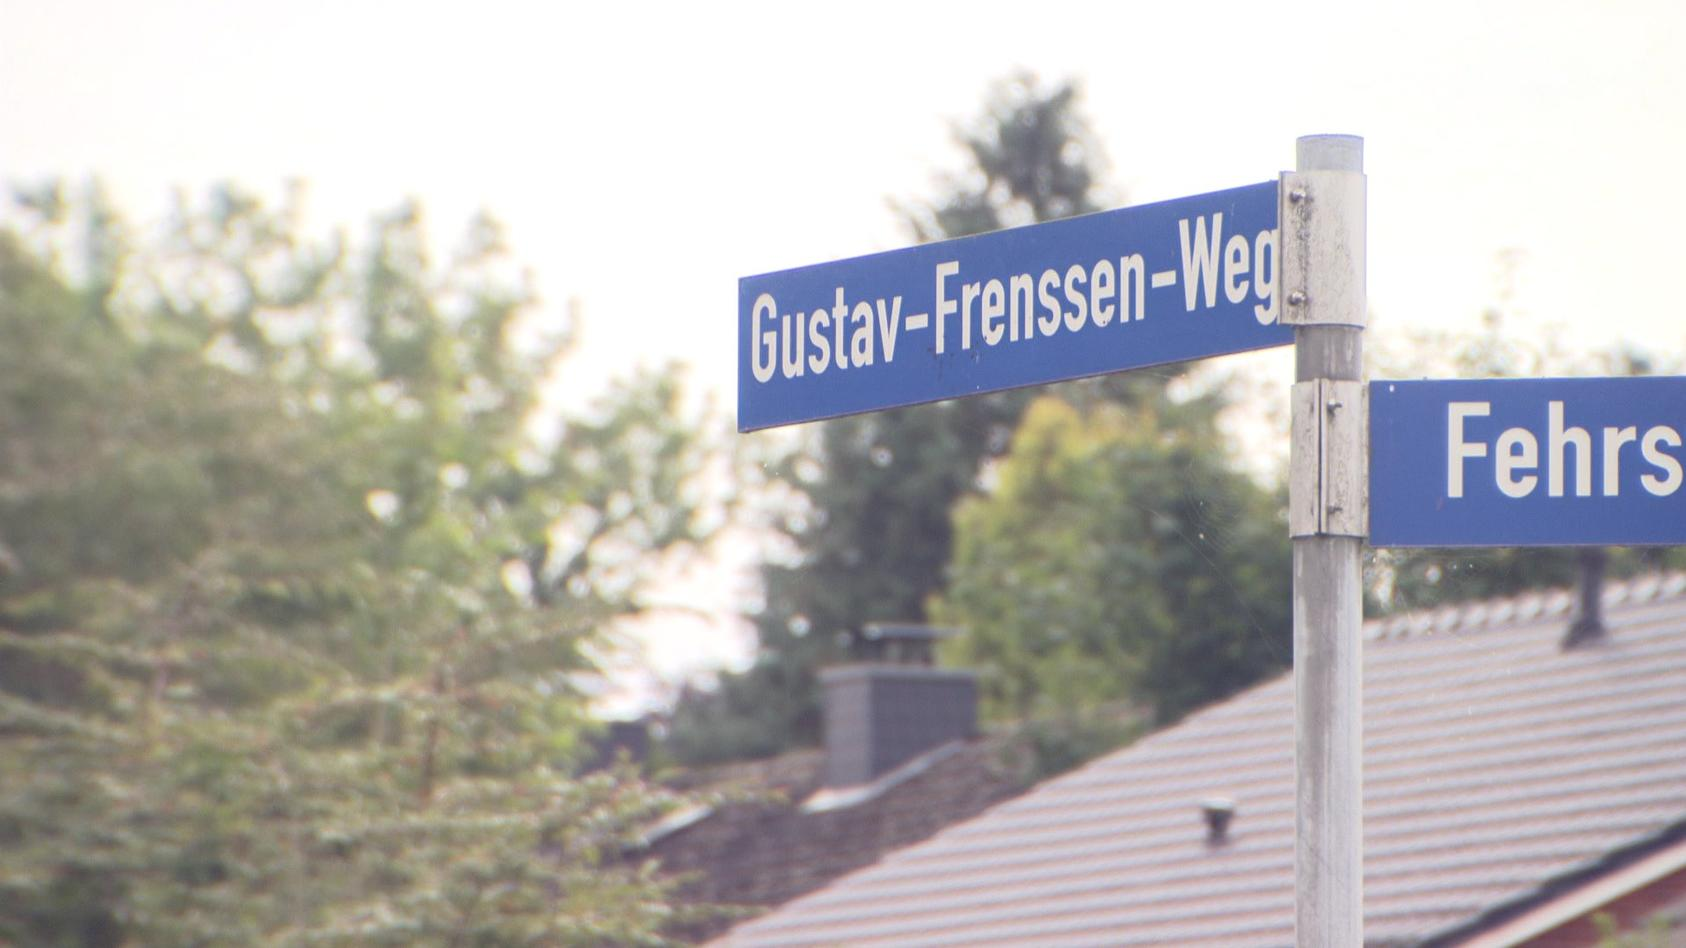 Der Gustav-Frenssen-Weg in Bad Segeberg